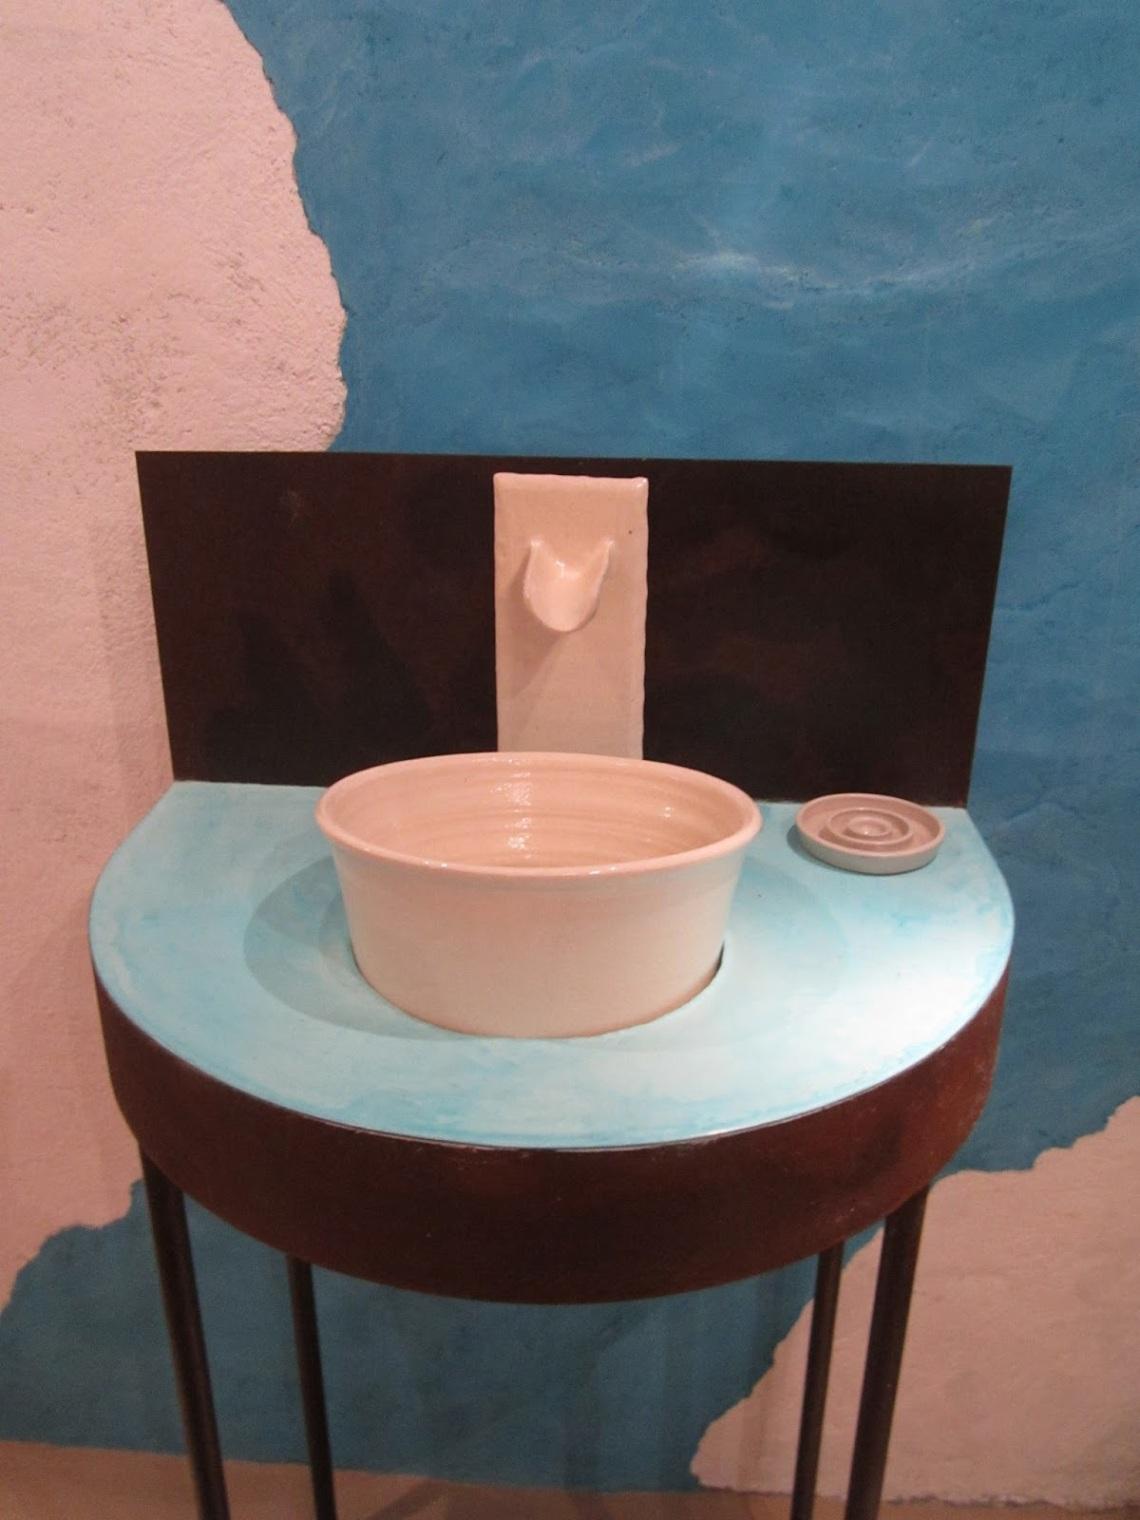 cours de cuisine-atelier culinaire-C très bio-Animation culinaire-Paimpol-Côtes d'armor-bretagne